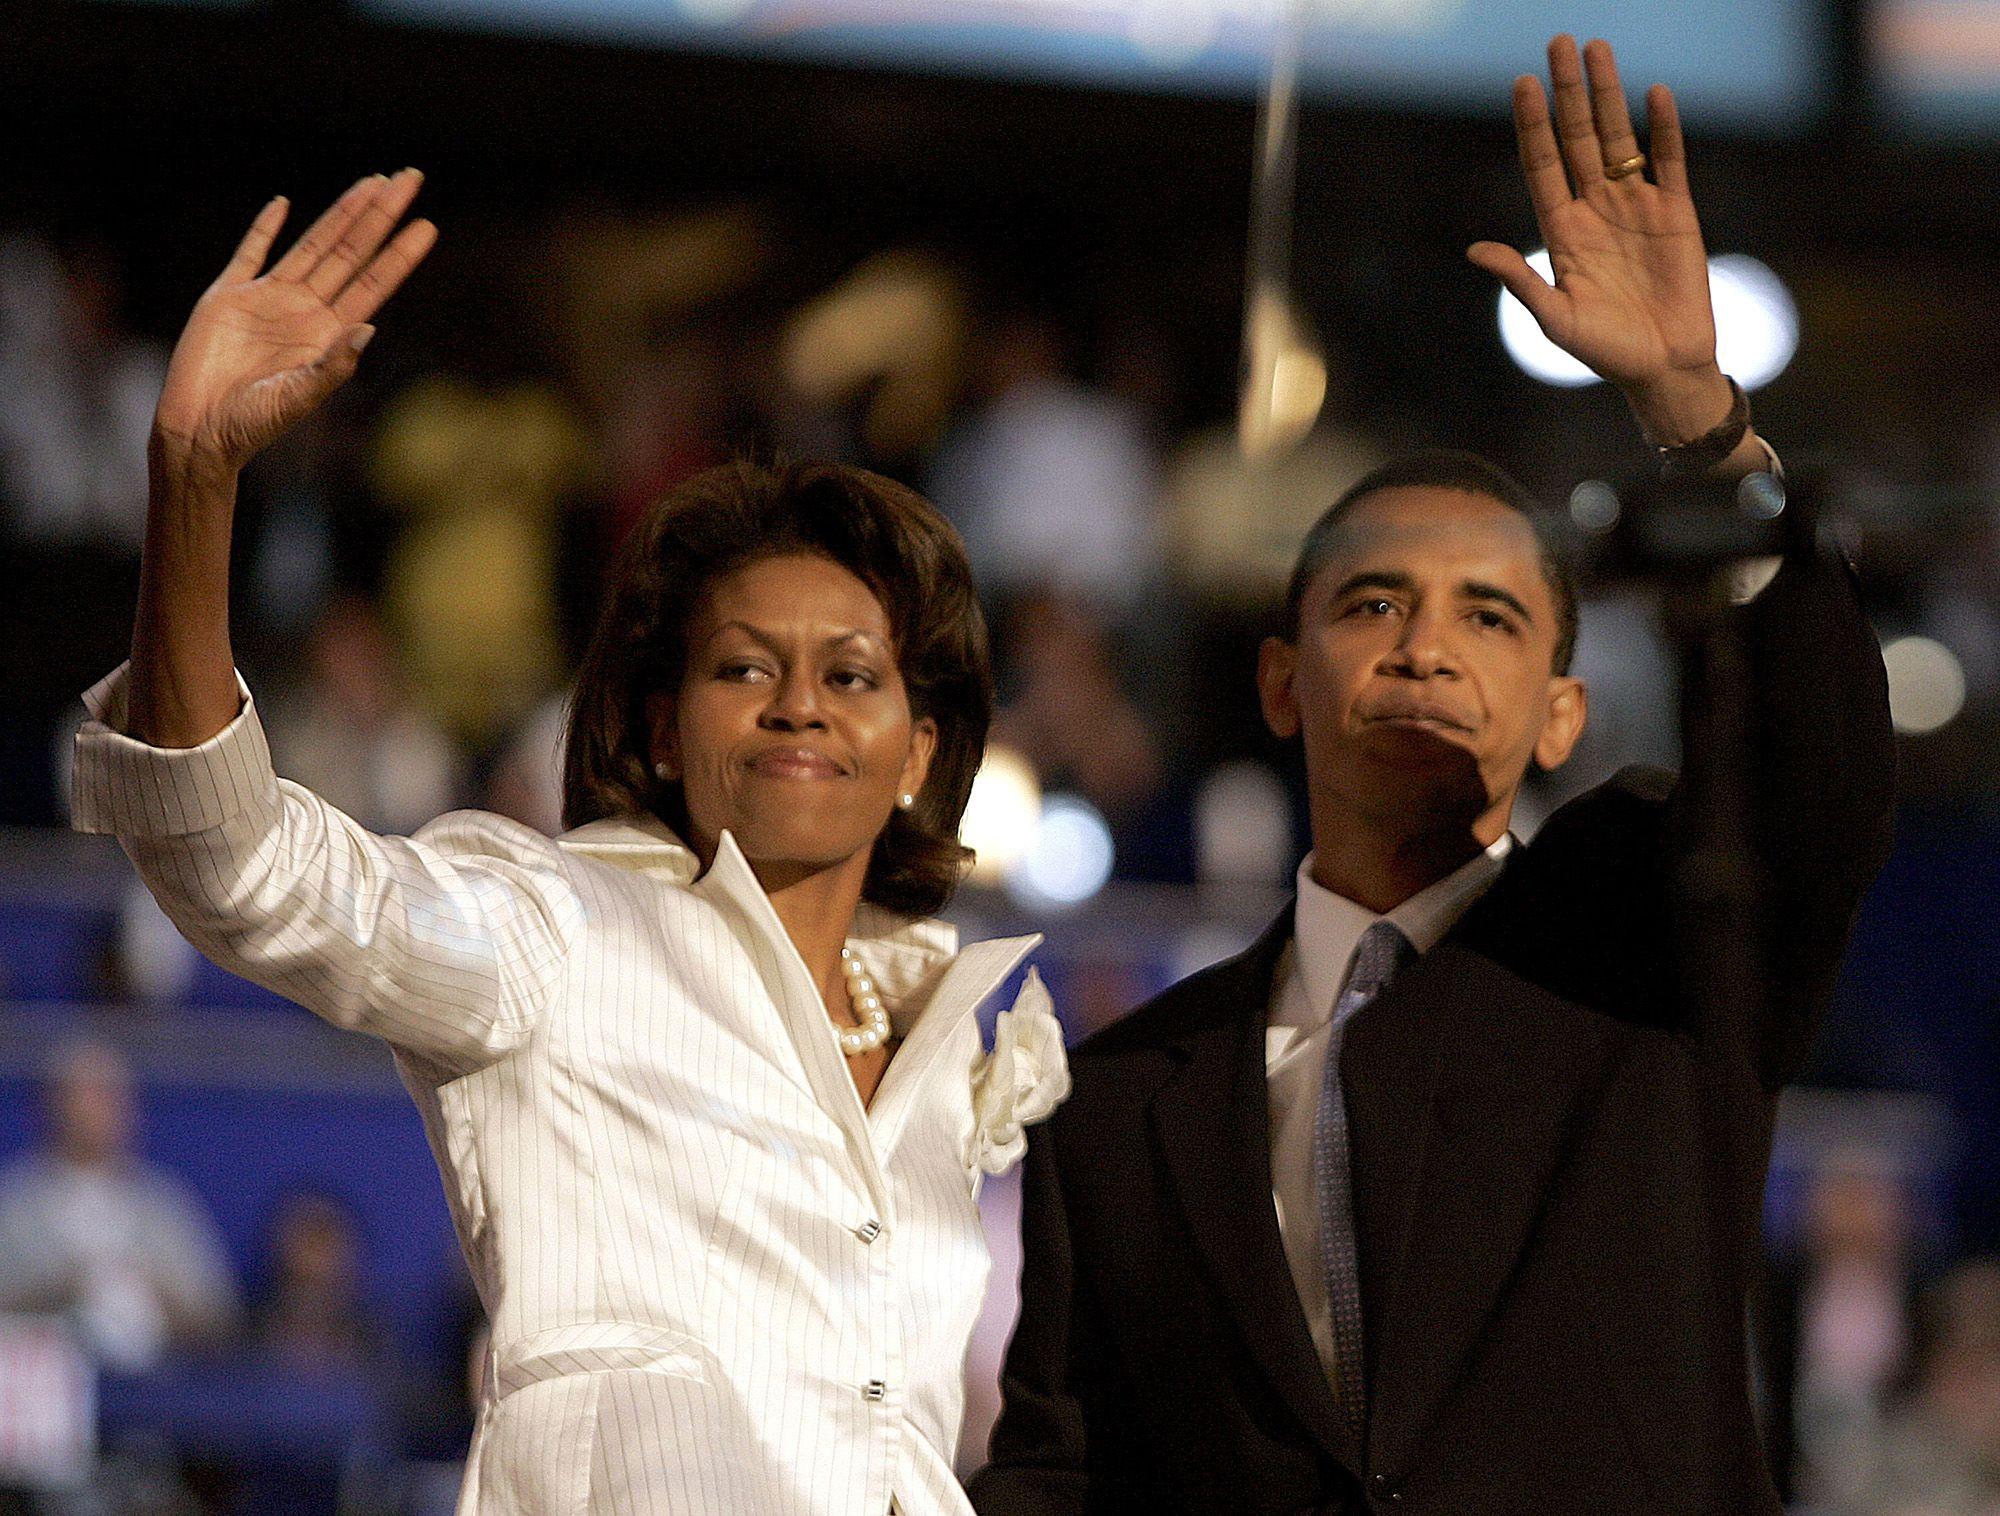 Obamáék a 2004-es demokrata nemzetgyűlésen (fotó: Jim Rogash/WireImage)